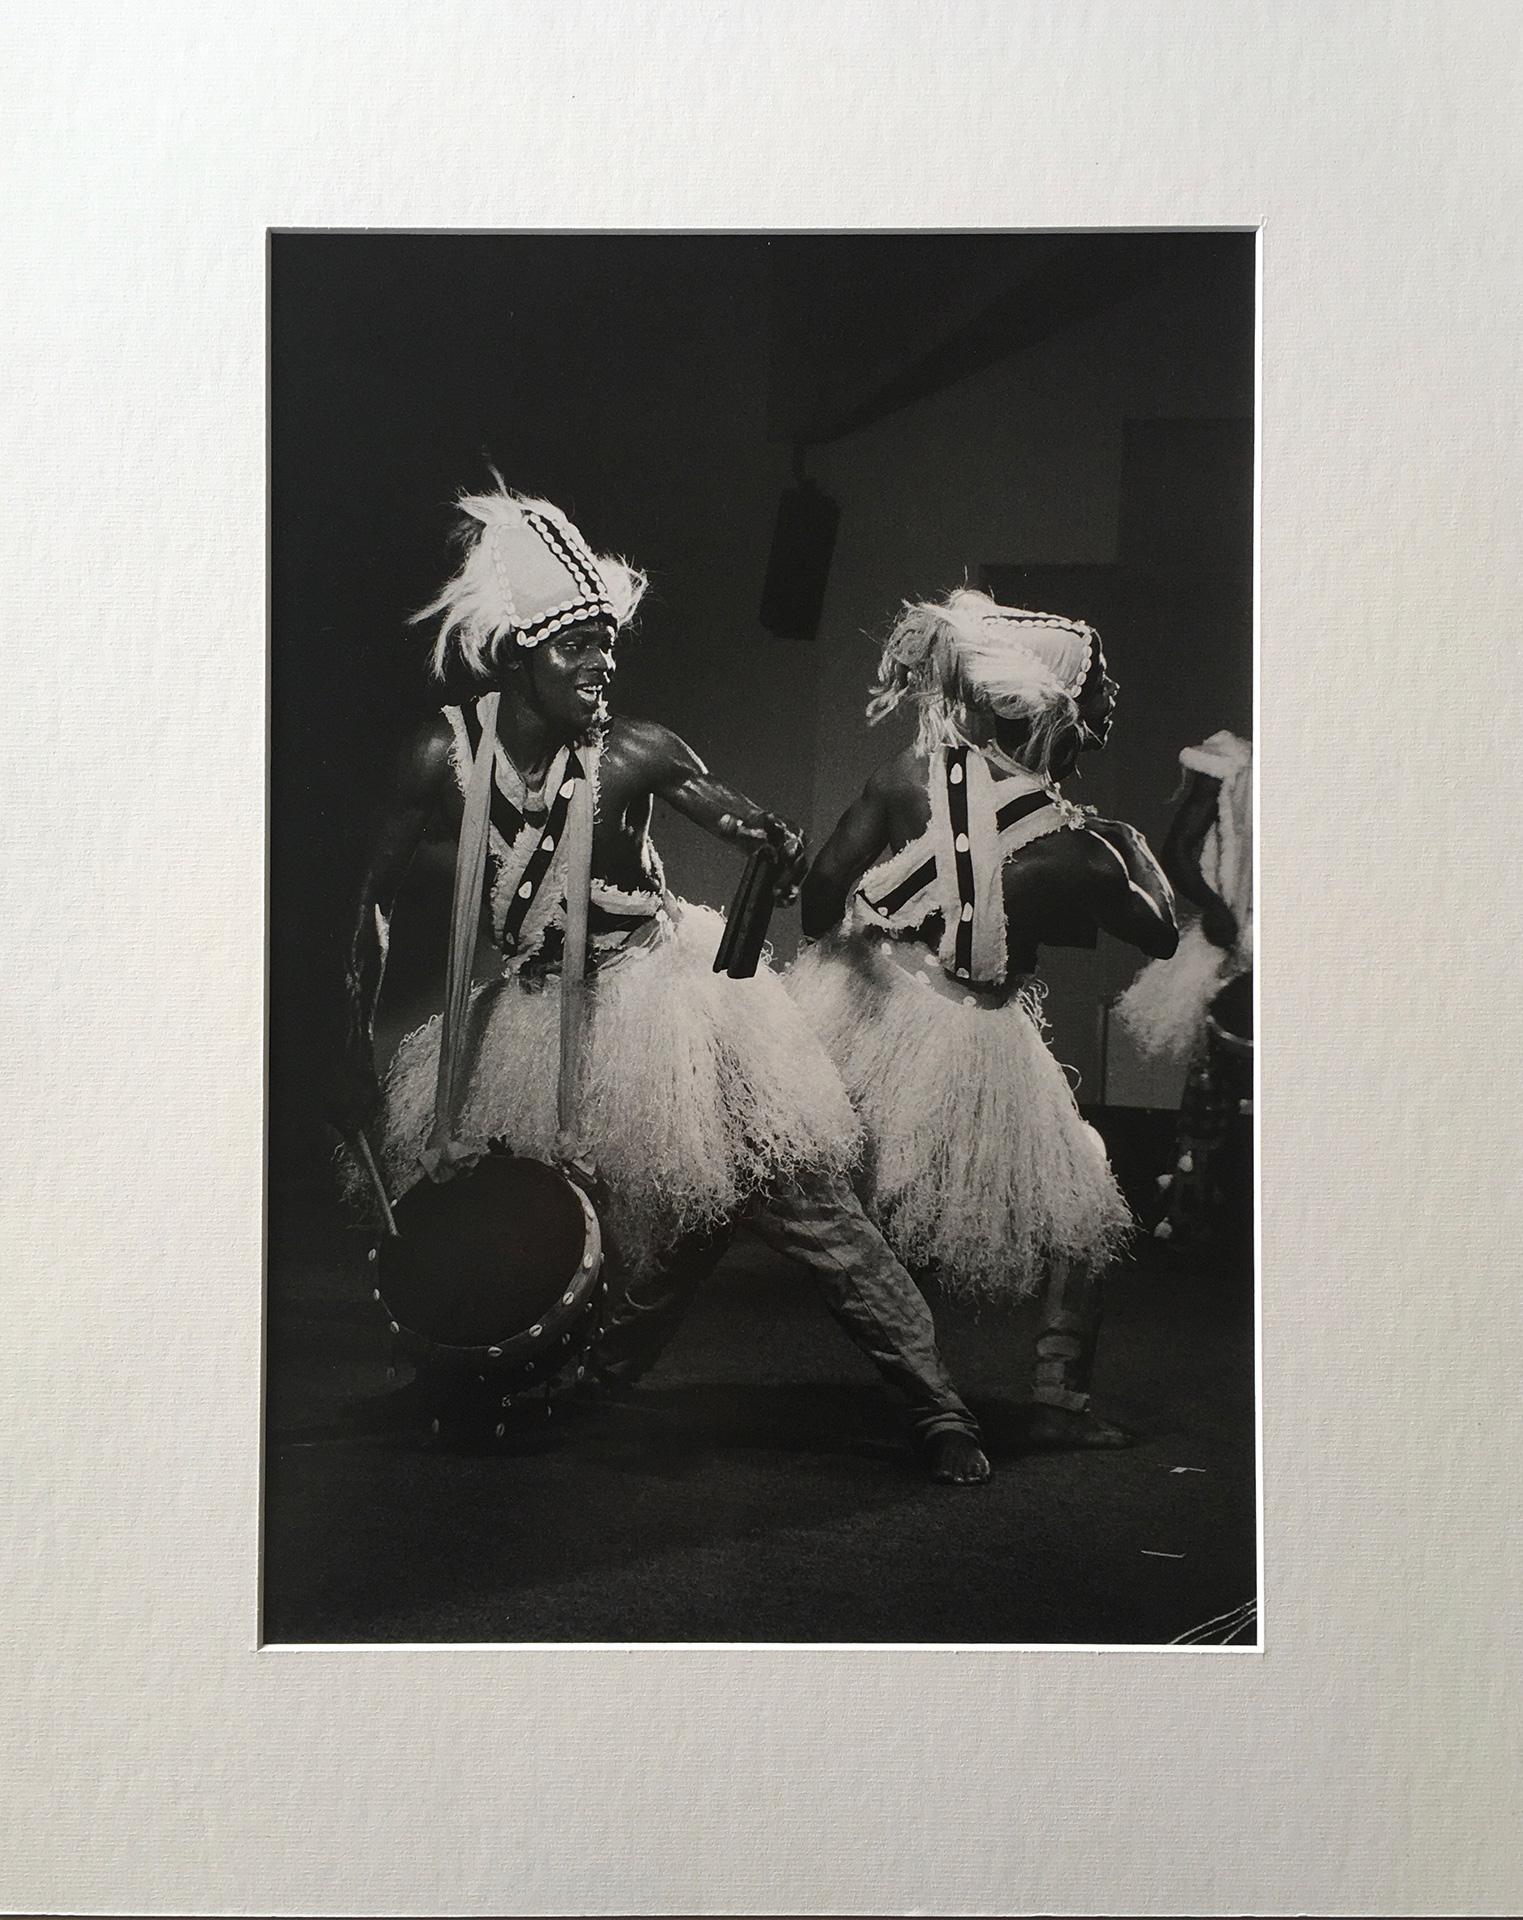 Musiques Métisses 1999 - Groupe Des Scorpions De Guinée, Dominique Lagnous, Atelier Focale 16, exposition photo à l'incontournable